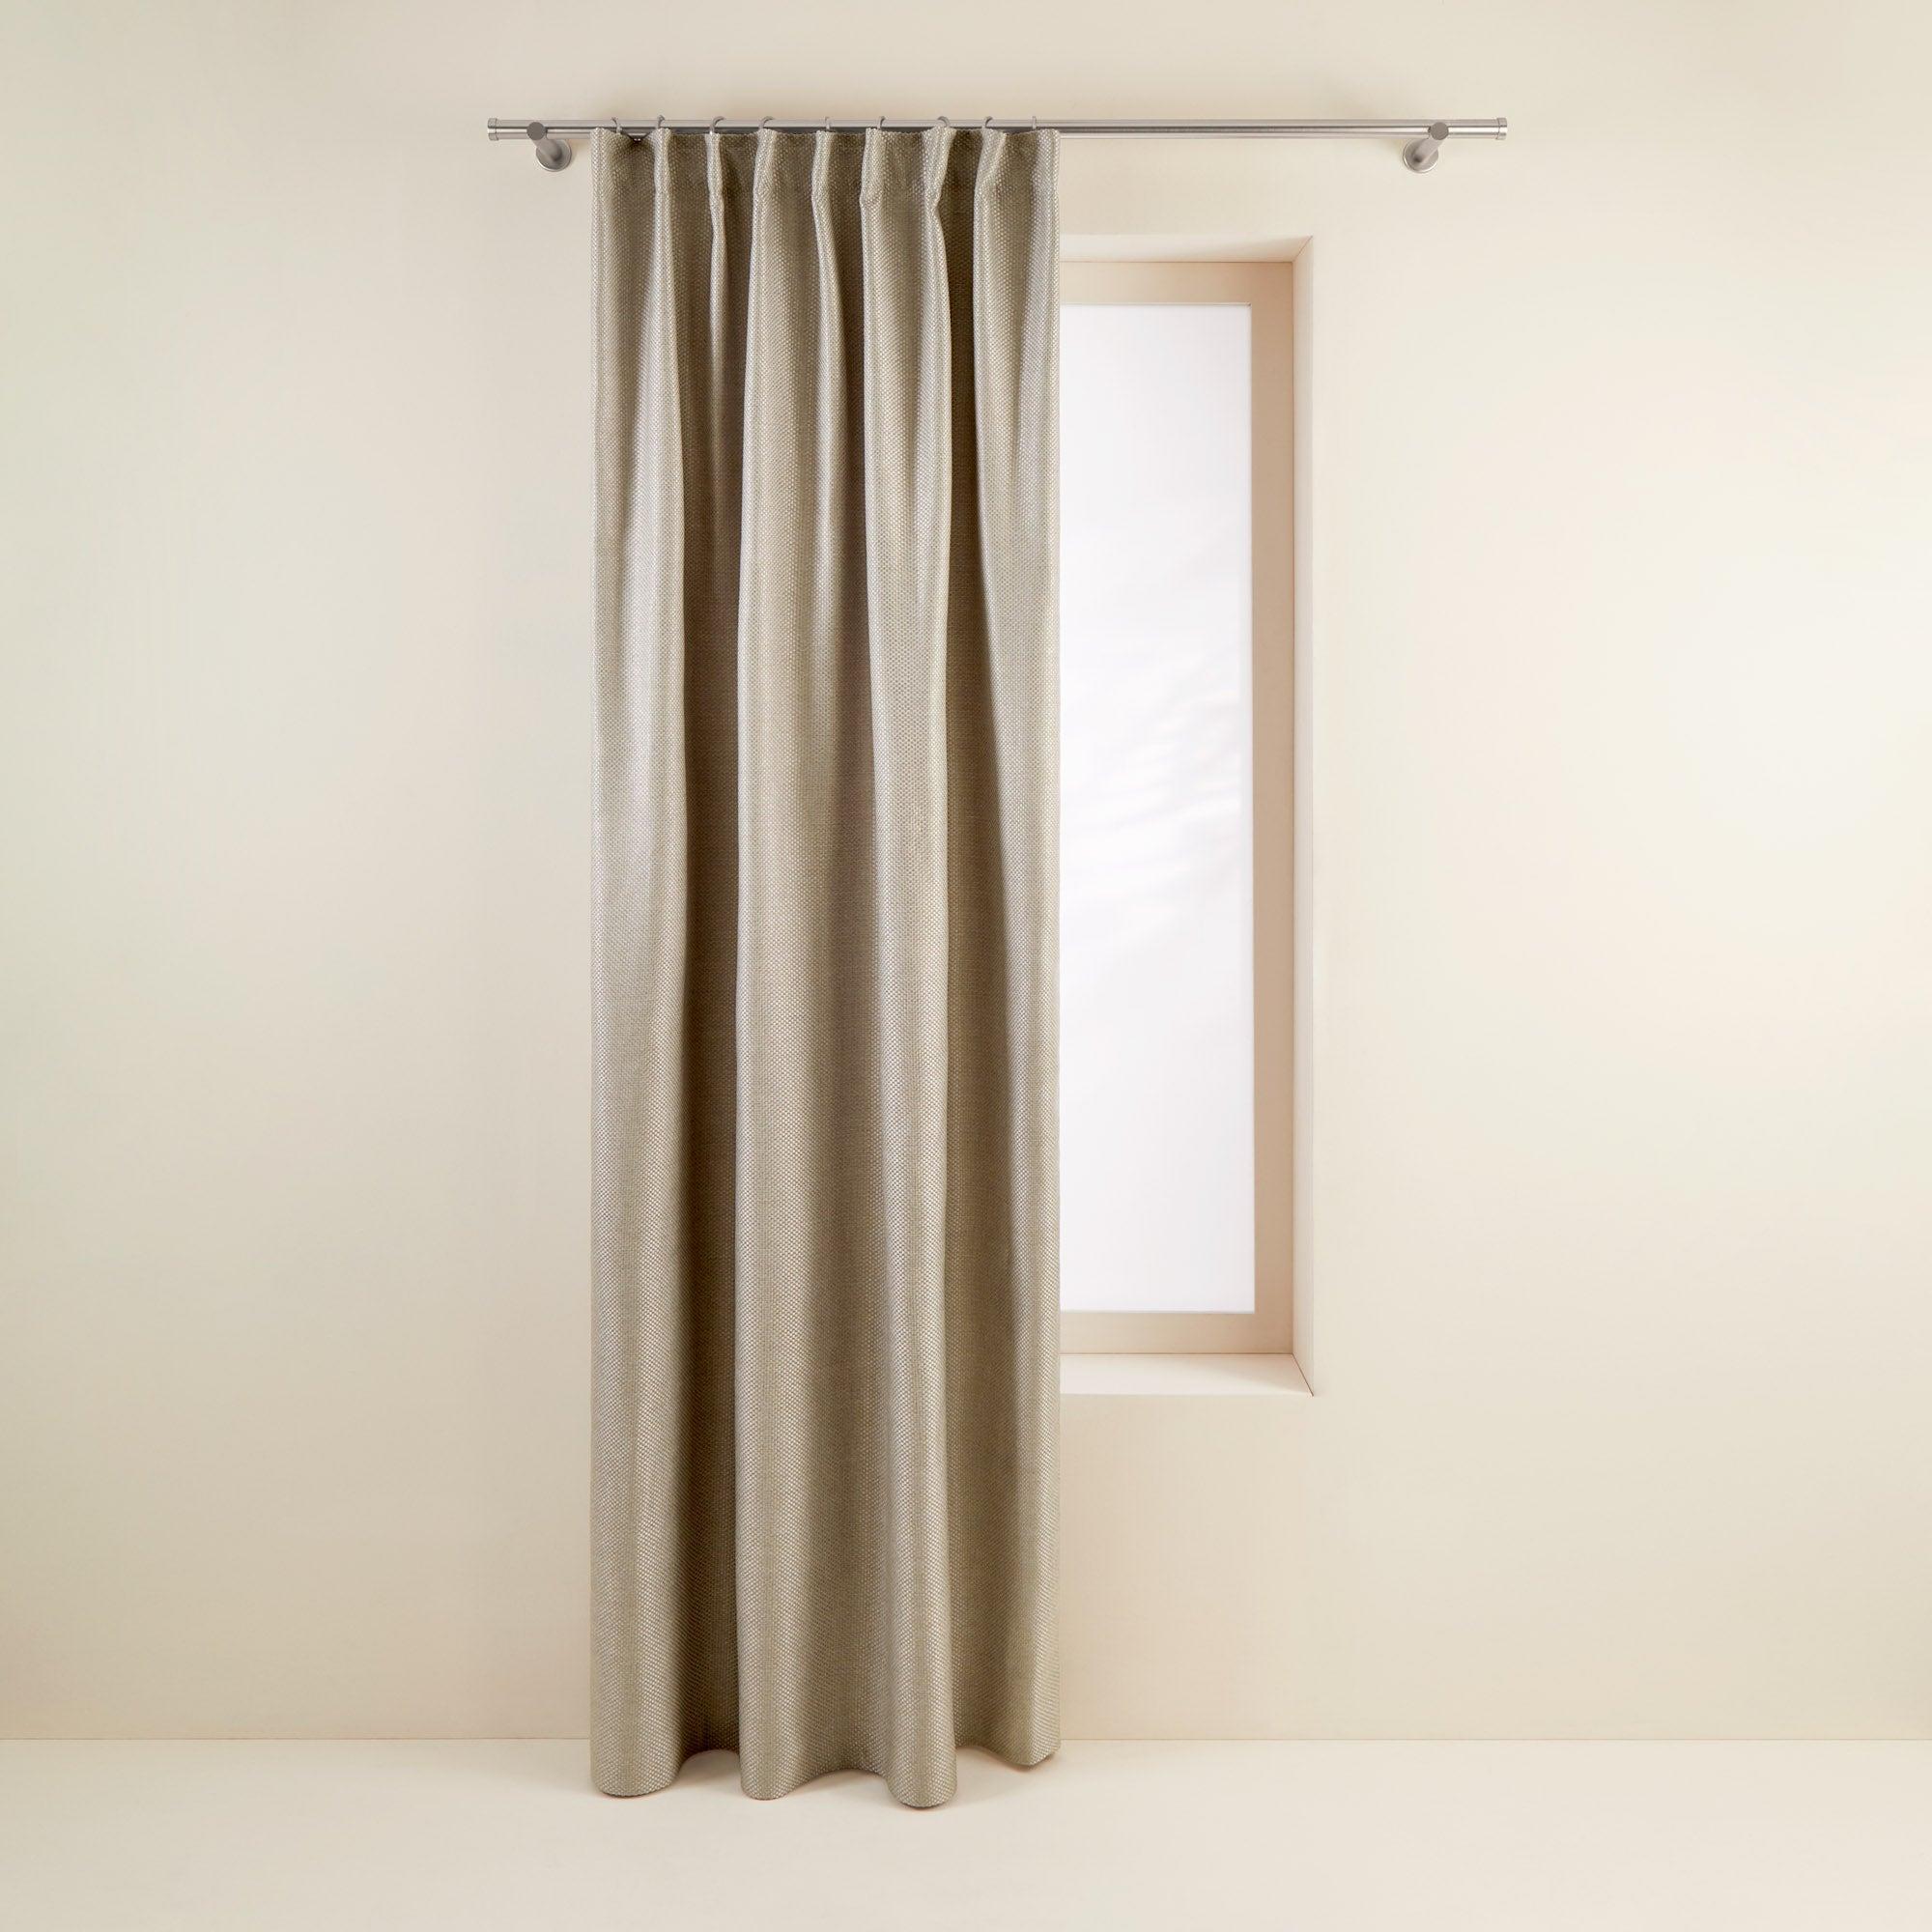 Rideau à ruban fronceur COCONUT 200x280 cm Beige clair